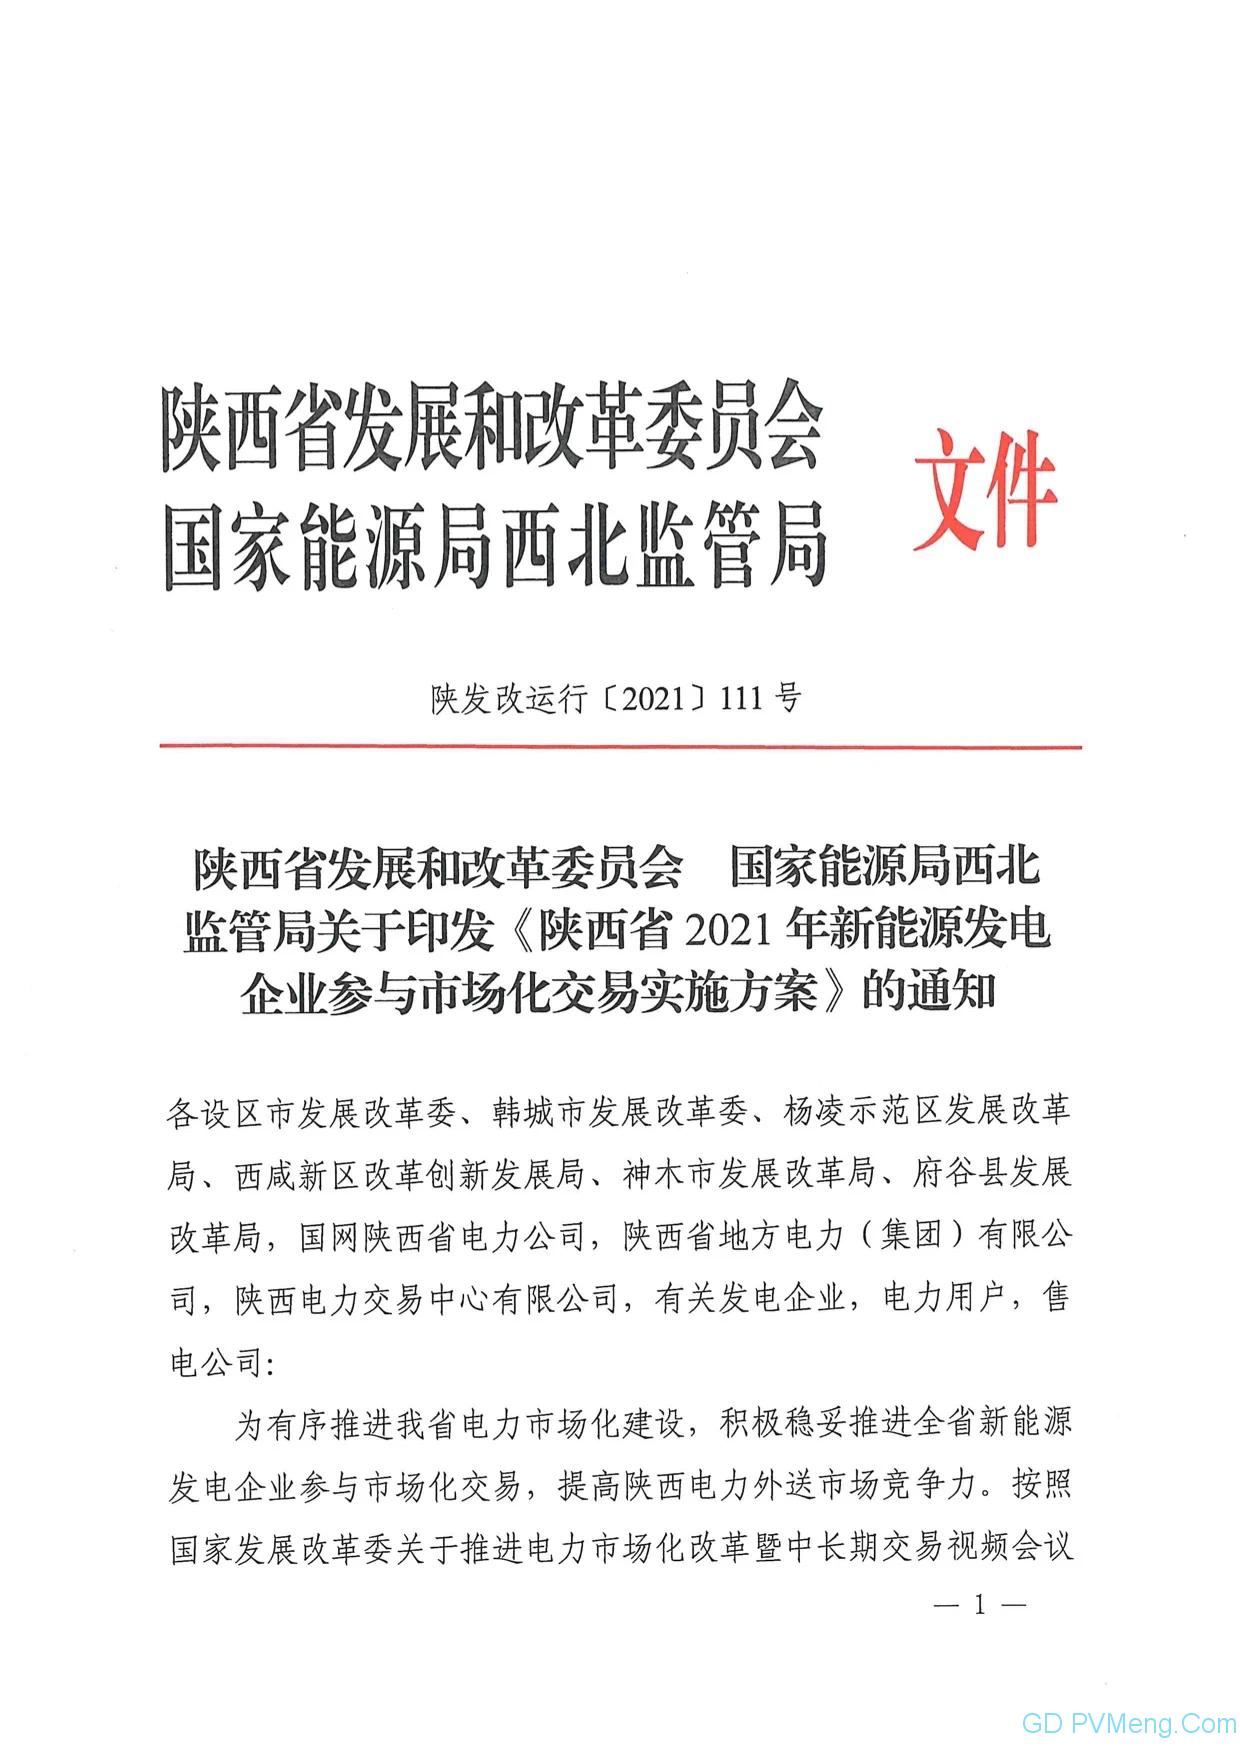 关于印发《陕西省2021年新能源发电企业参与市场化交易实施方案》的通知(陕发改运行〔2021〕111号)20210120